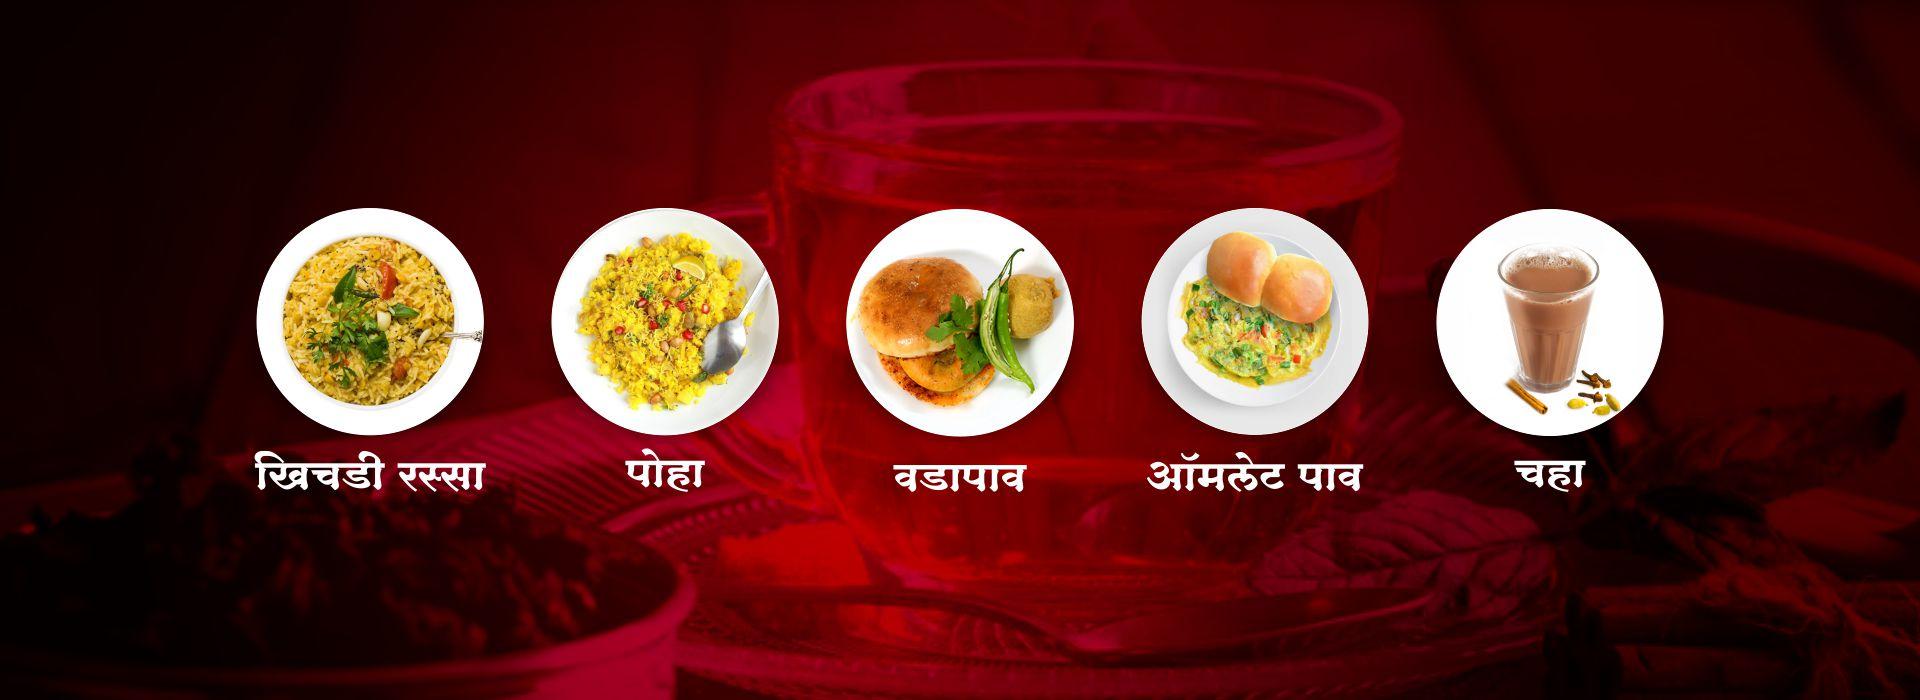 nashta-center-near-siddharth-garden-shivrama-aurangabad-shivrama-nashta-aurangabad-hotel-shivrama